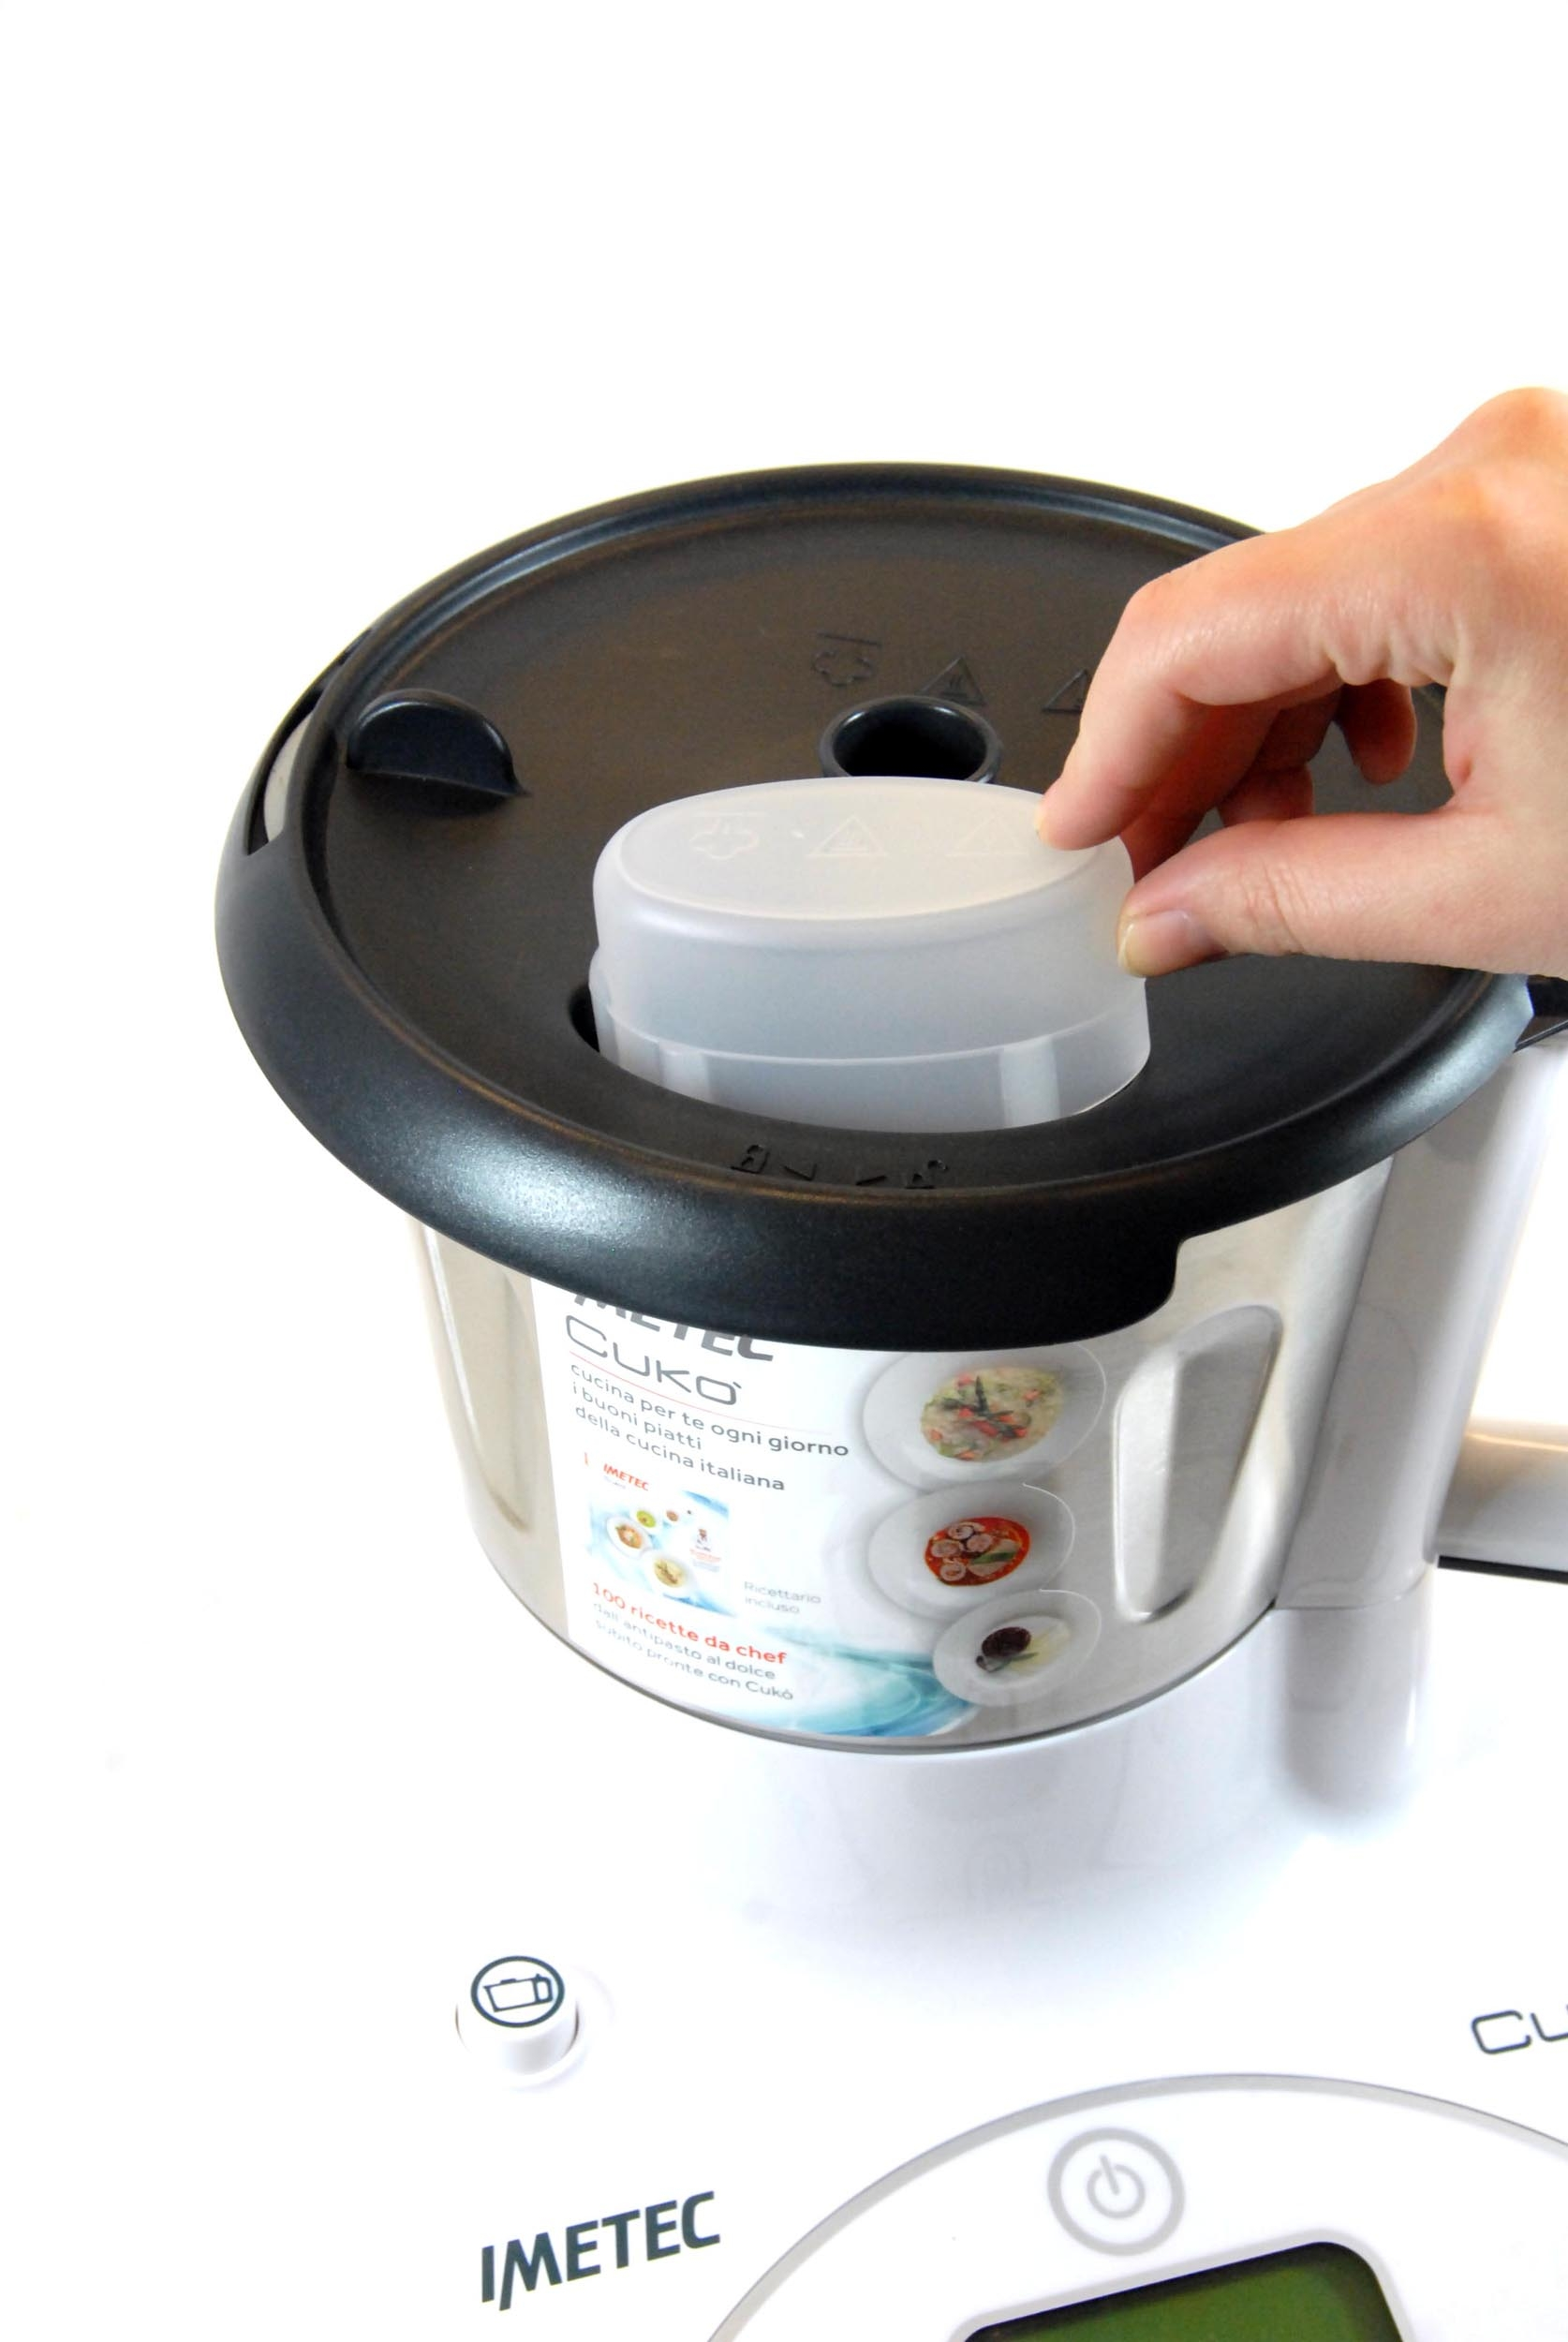 Imetec Cukò – Robot da Cucina